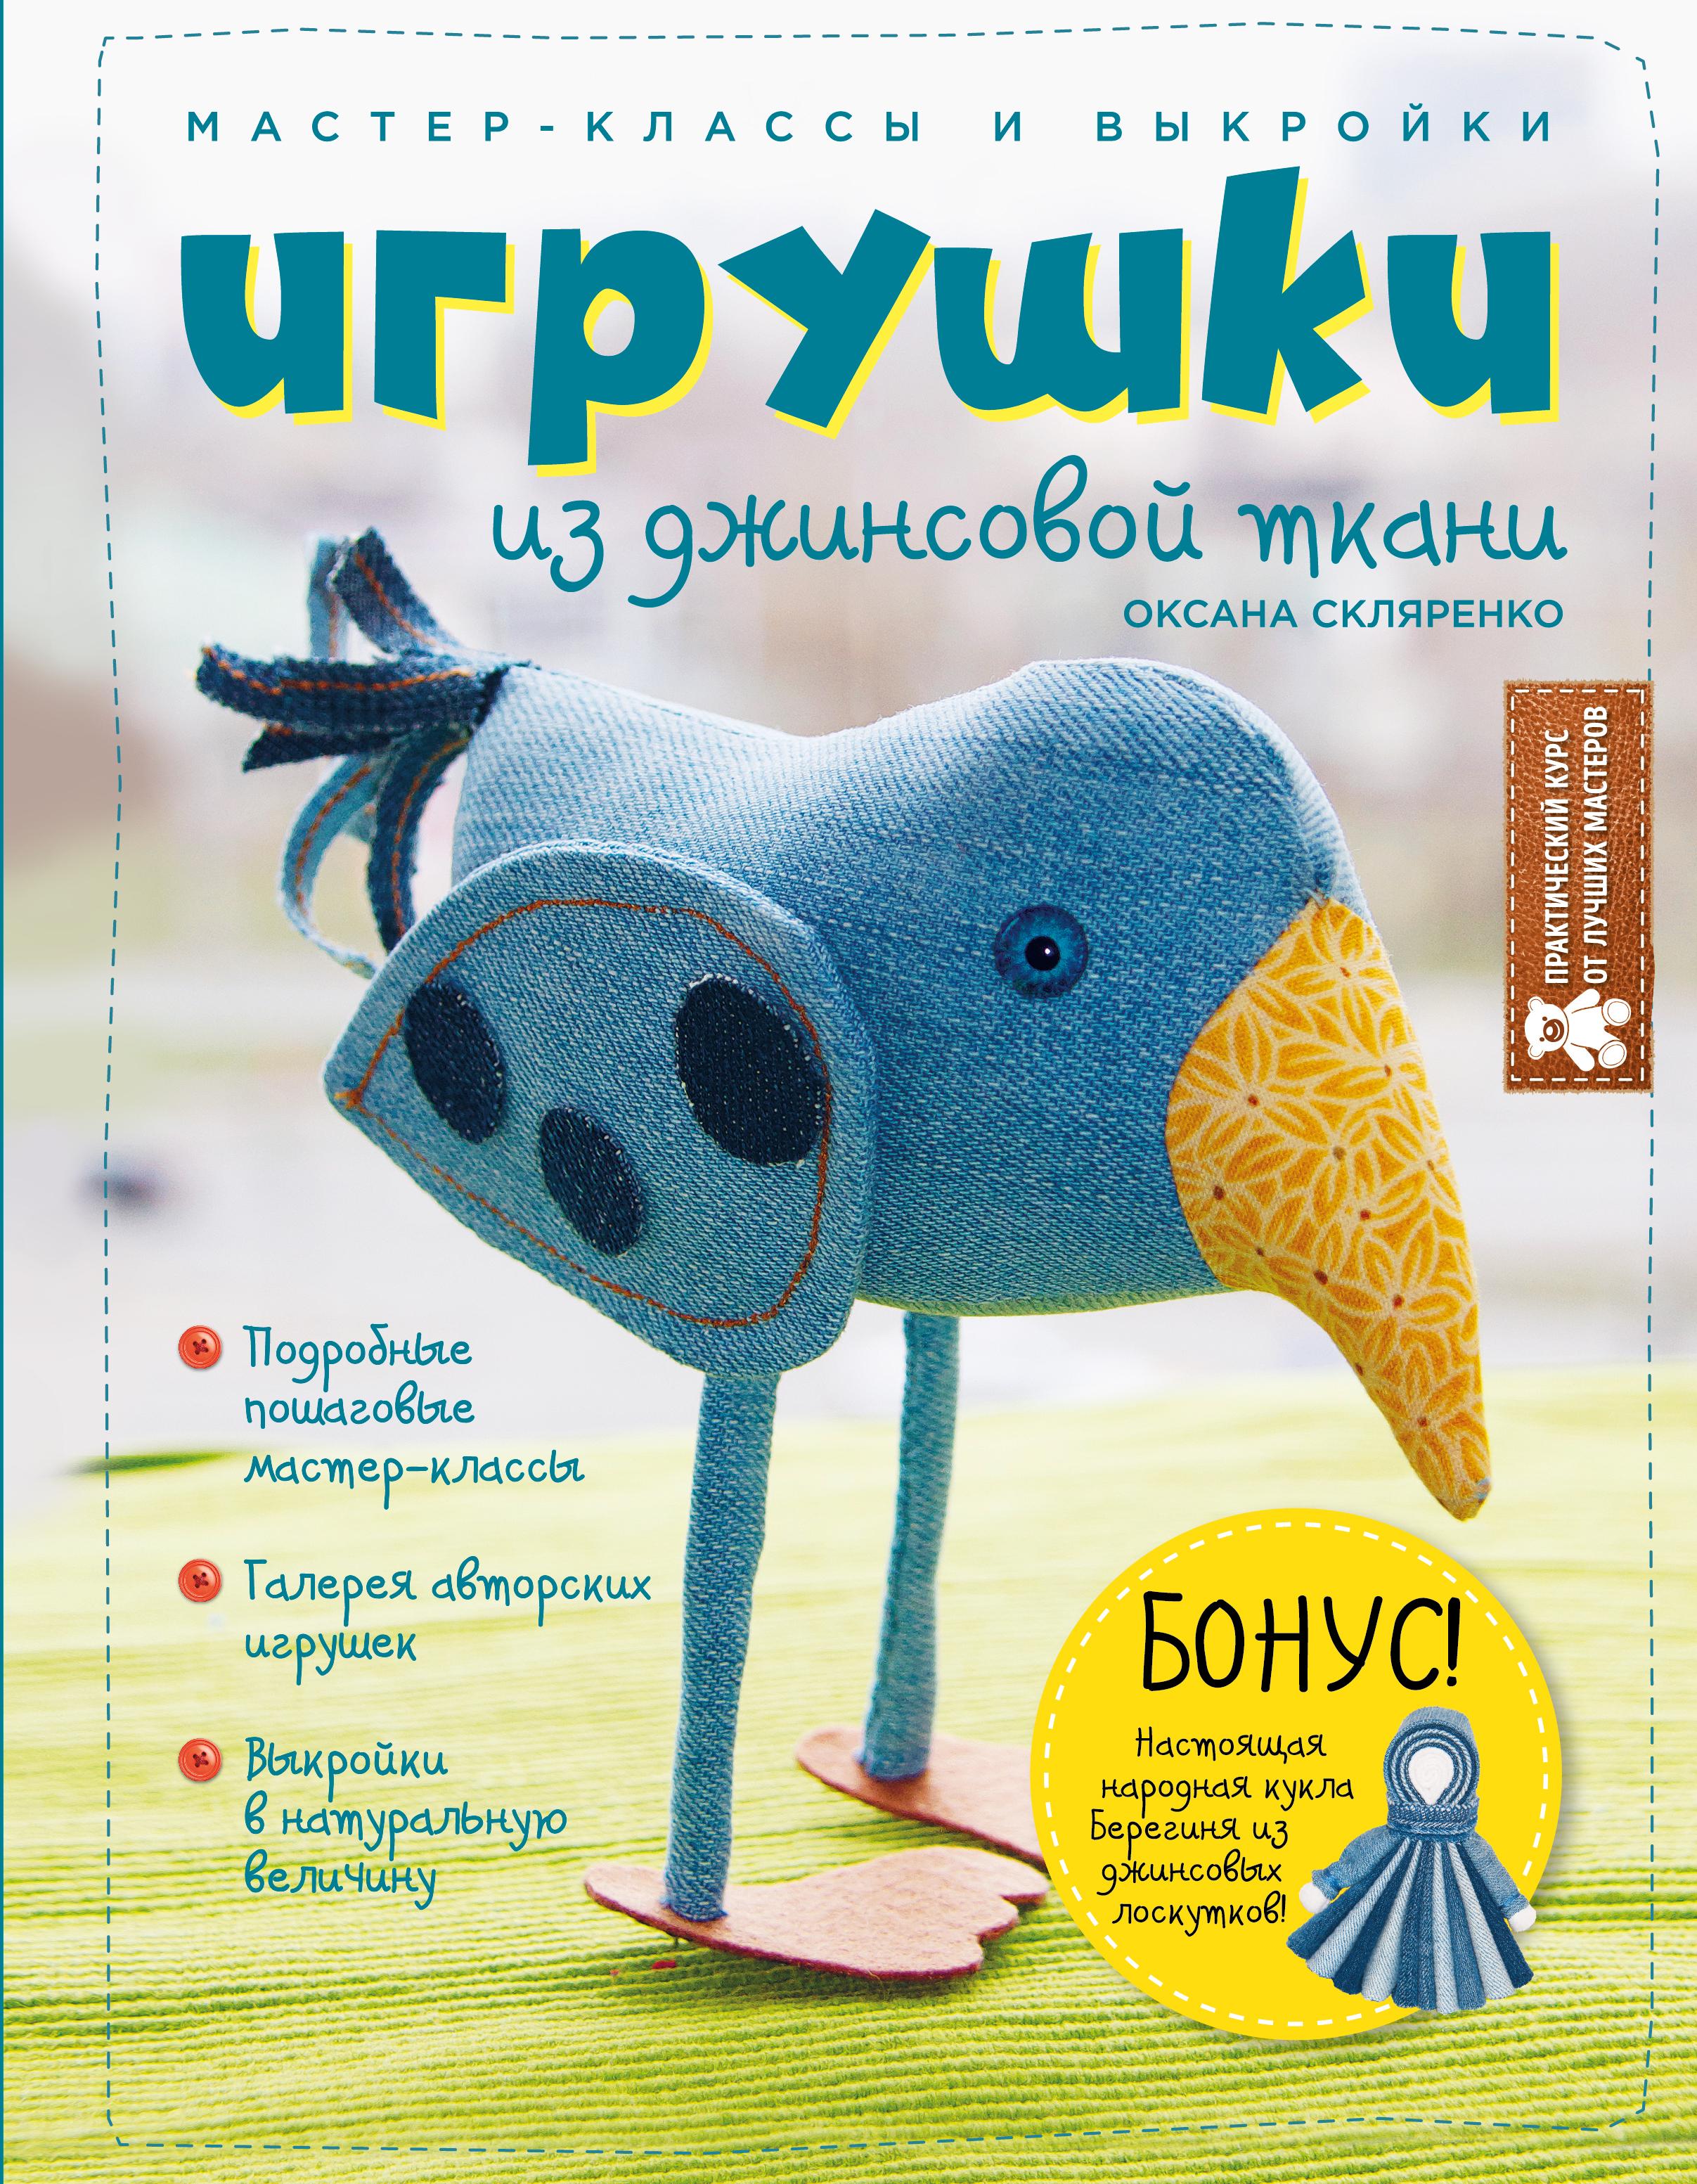 Оксана Скляренко Игрушки из джинсовой ткани. Мастер-классы и выкройки